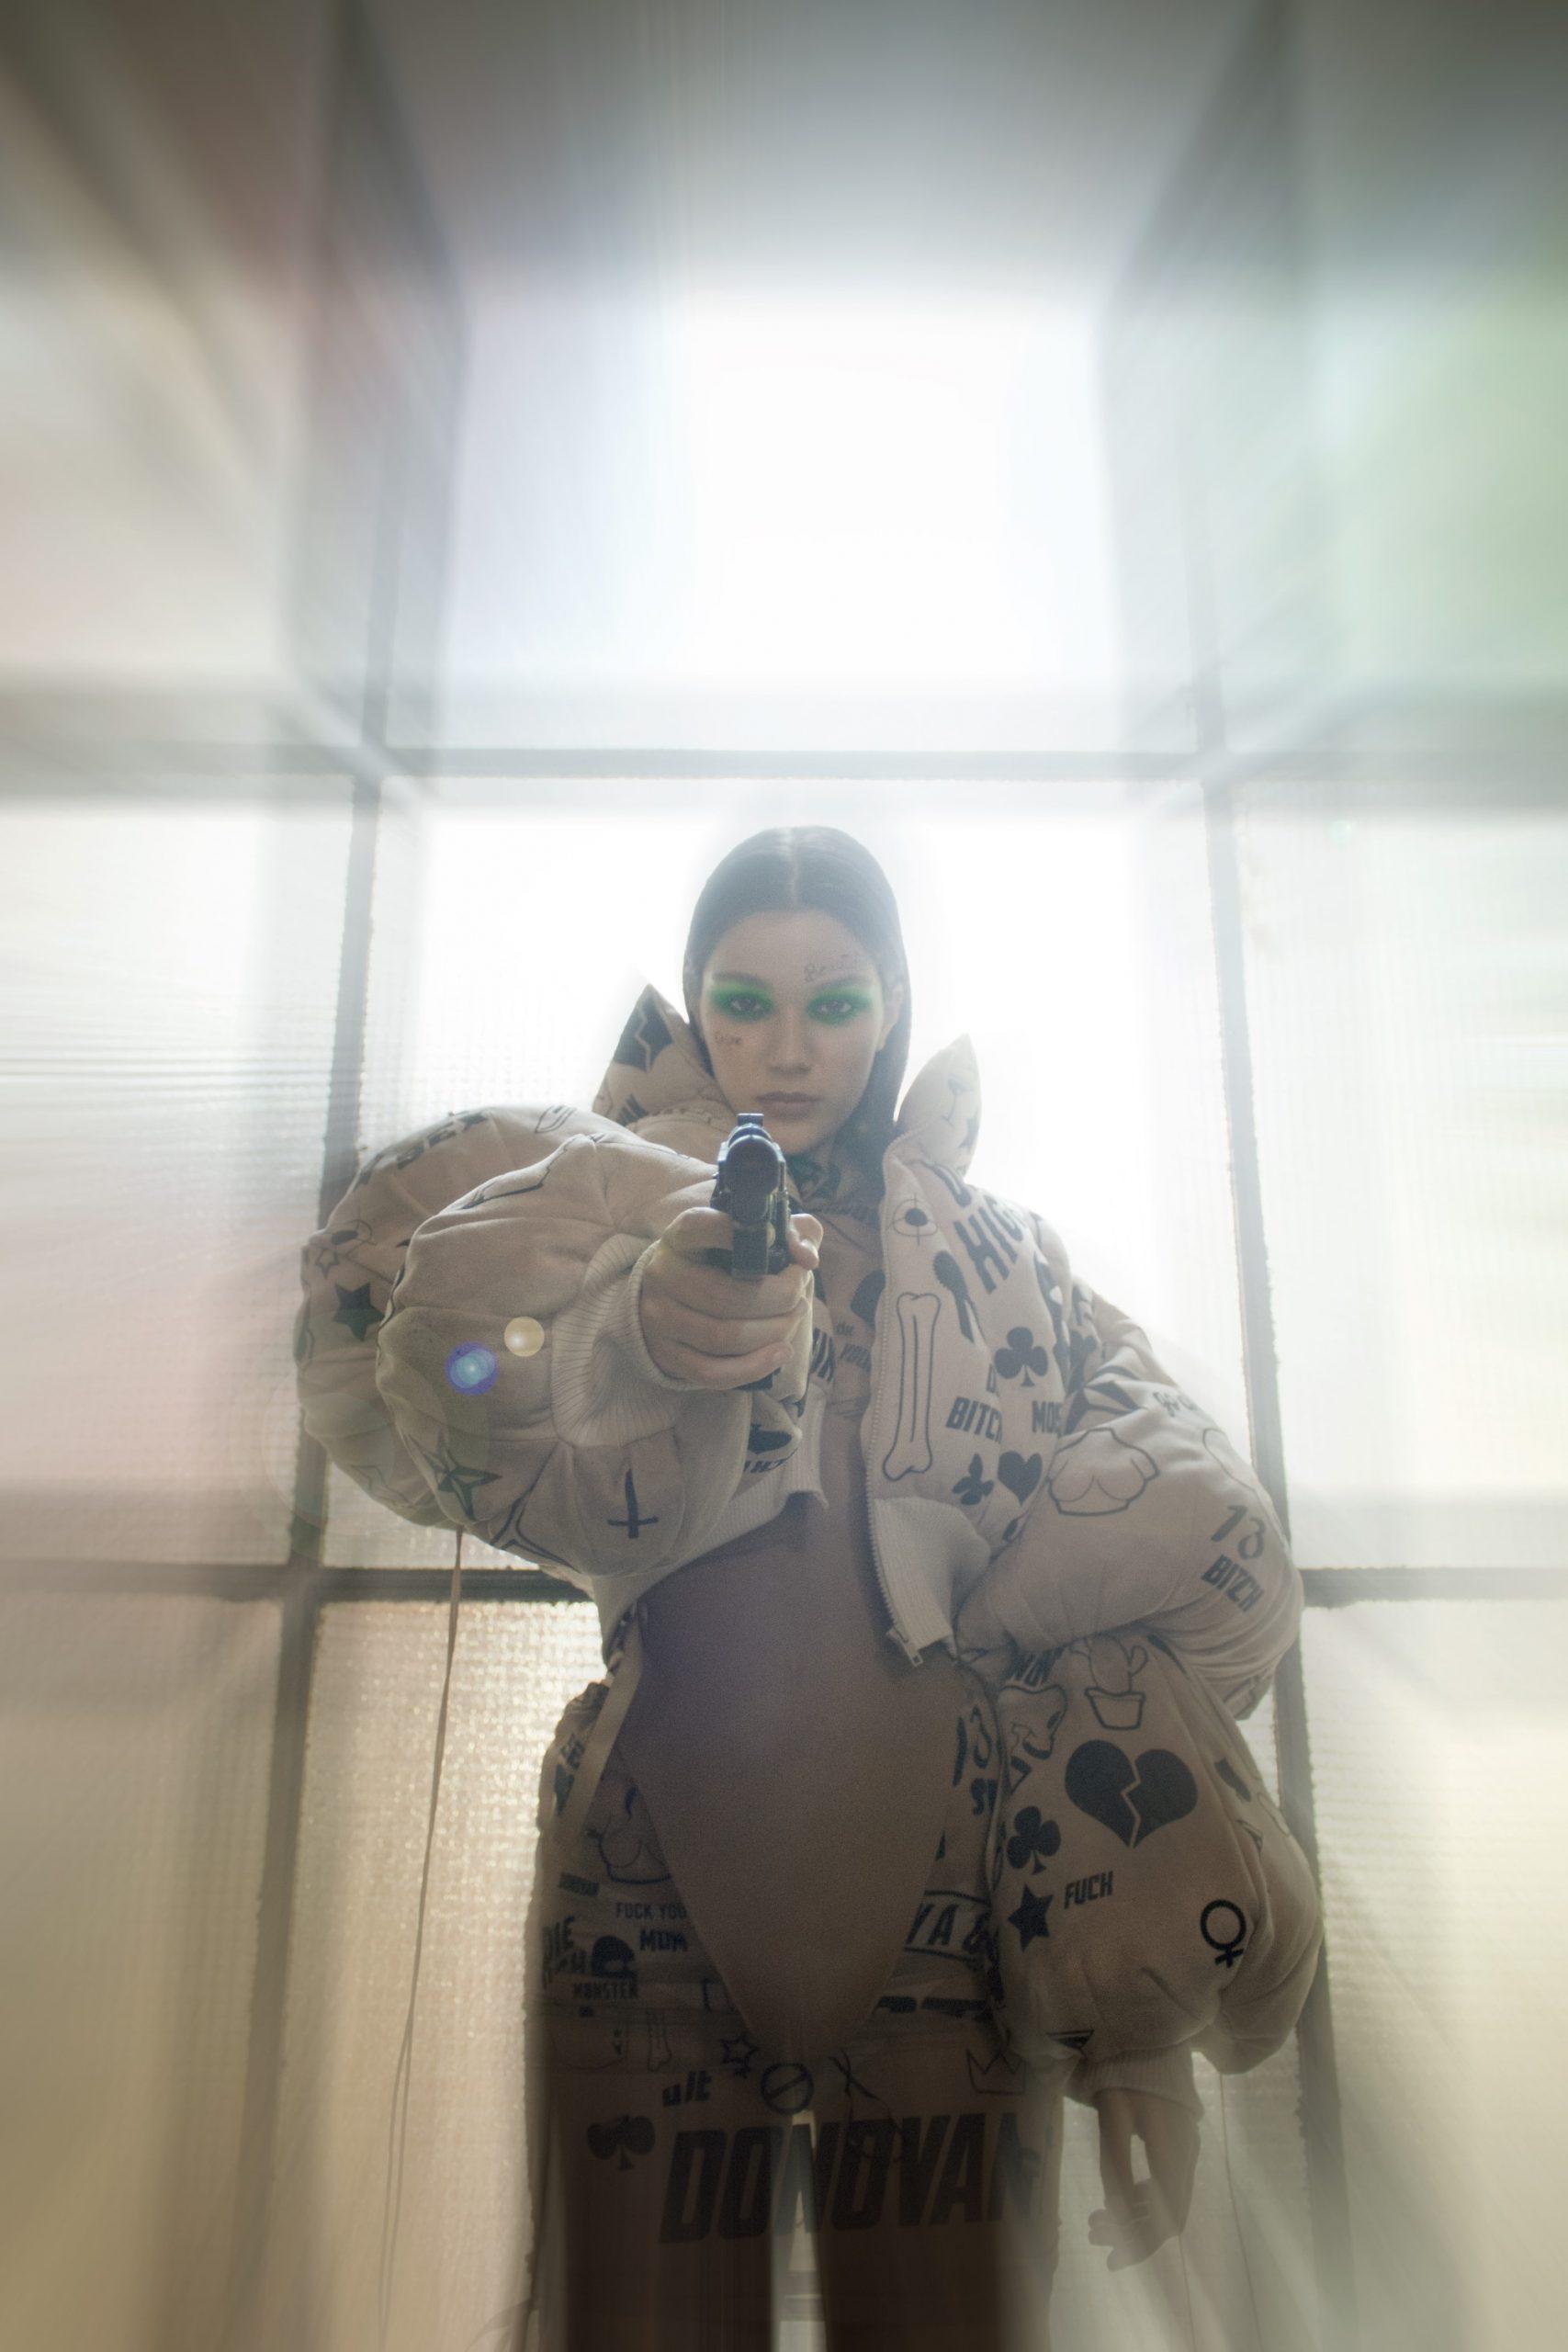 Modni fotograf Donovan Pavleković predstavlja diplomski rad na temu toksičnog maskuliniteta i odnosa prema ženskom tijelu